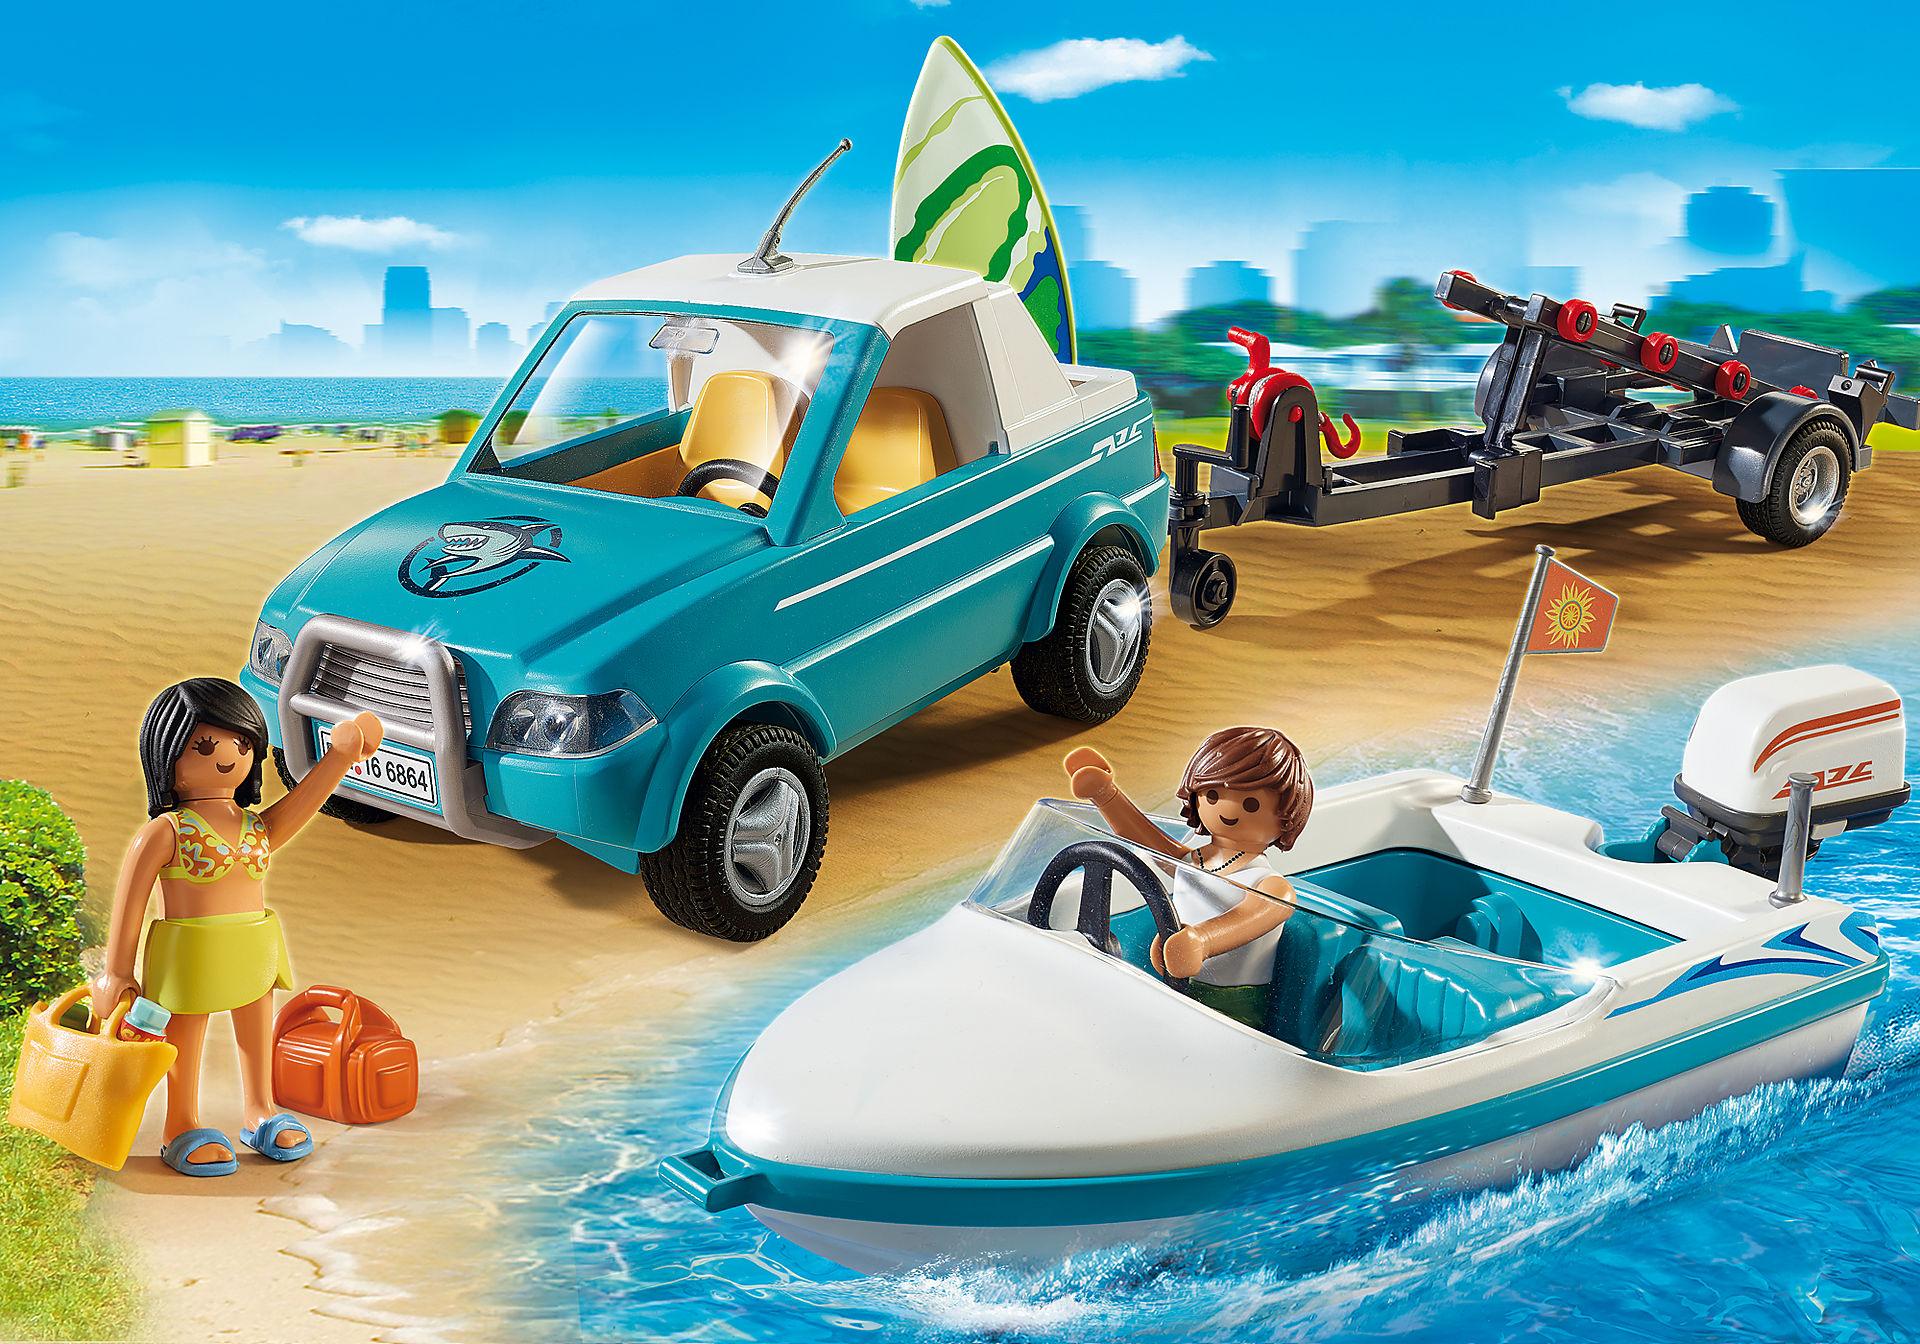 http://media.playmobil.com/i/playmobil/6864_product_detail/Voiture  avec bateau et moteur submersible